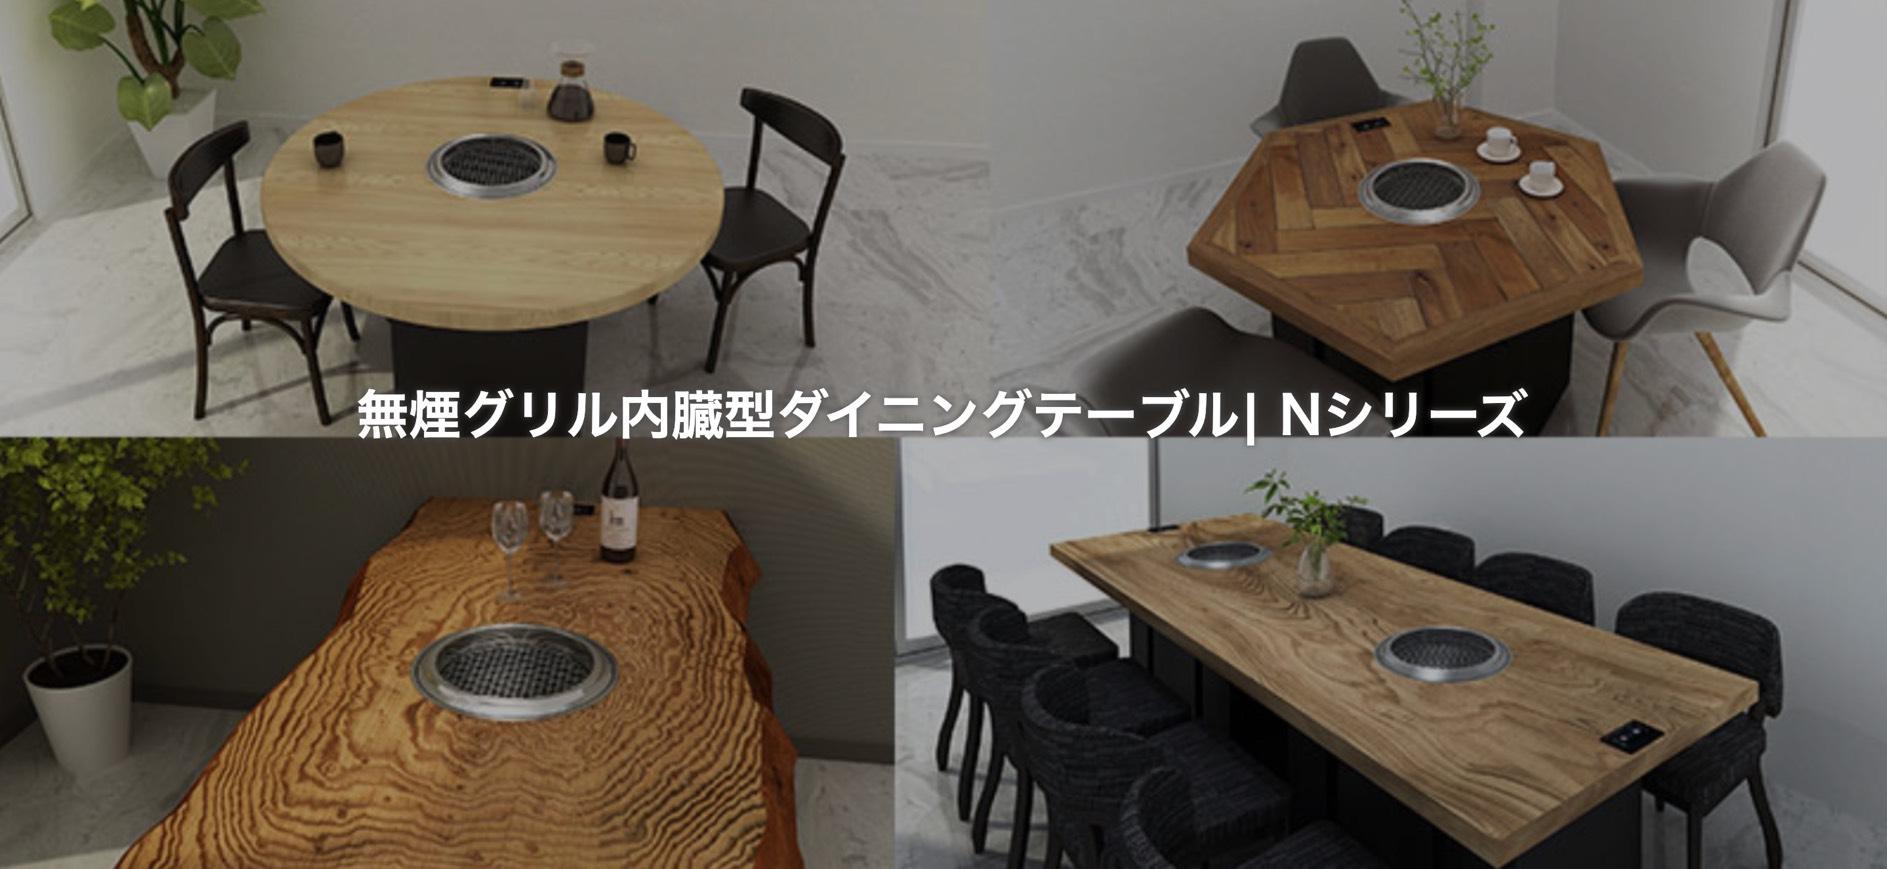 無煙グリル内蔵型ダイニングテーブル Nシリーズ